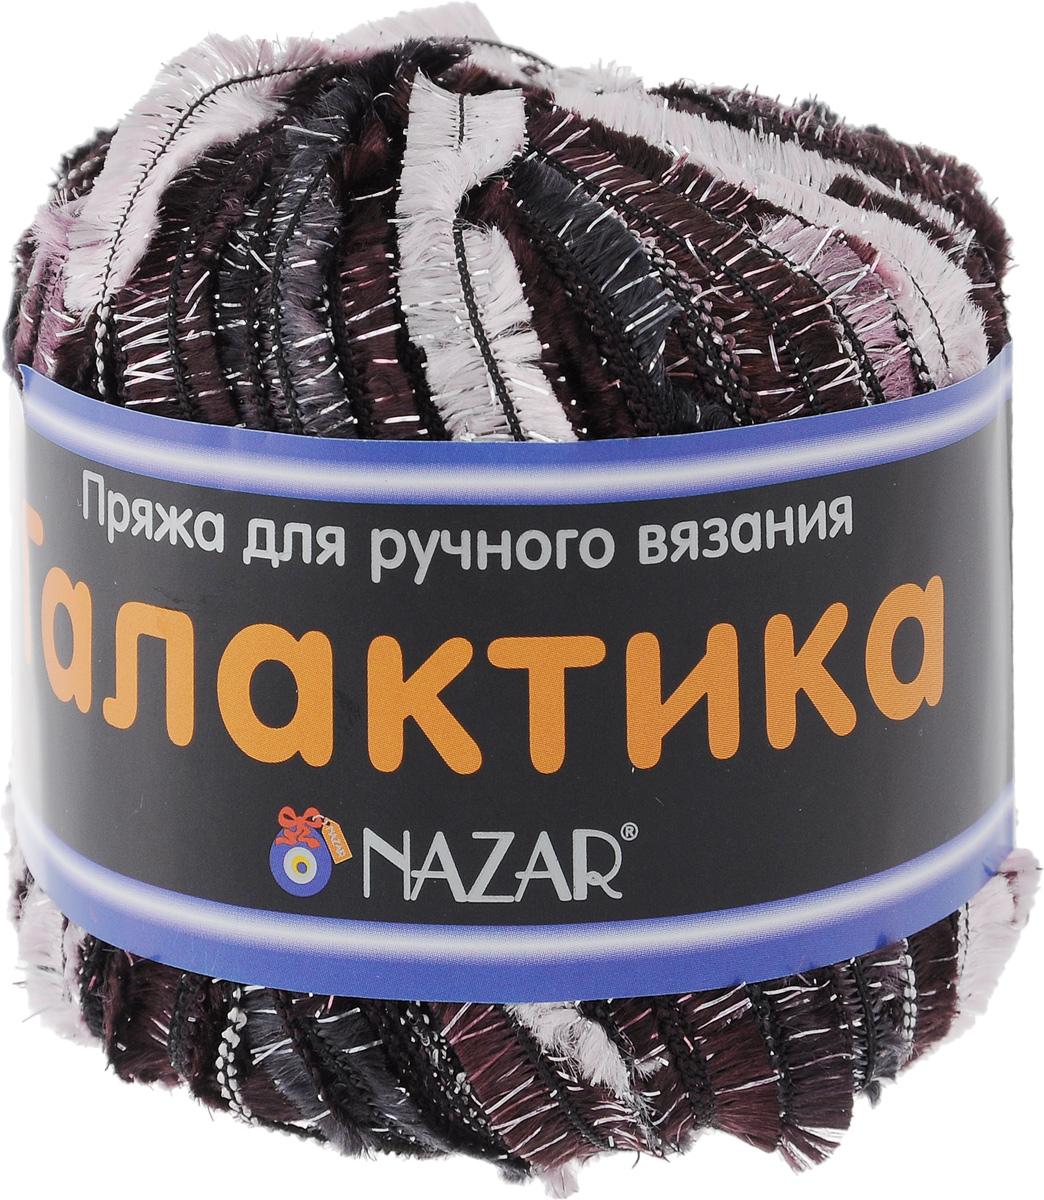 Пряжа для вязания Nazar Галактика, цвет: темно-фиолетовый, темно-синий, сиреневый (2002), 125 м, 50 г, 10 шт349007_2002Пряжа для вязания Nazar Галактика изготовлена из полиэстера с добавлением люрекса. Это очень популярная декоративная пряжа для ручного вязания. Из нее получаются модные и очень красивые палантины, роскошные пелерины и нарядные кофточки. Пряжа очень красивая, вяжется легко и быстро. Может использоваться как основная или отделочная пряжа. Если сложить 1 нить Галактики с 1-й нитью классической пряжи, подходящей по цвету и фактуре, вы можете создать свое неповторимое полотно. Для вязания рекомендуется крючок №5-8 и спицы №5-6. Состав: 80% полиэстер, 20% люрекс. Ширина нити: 10 мм. Комплектация: 10 шт.